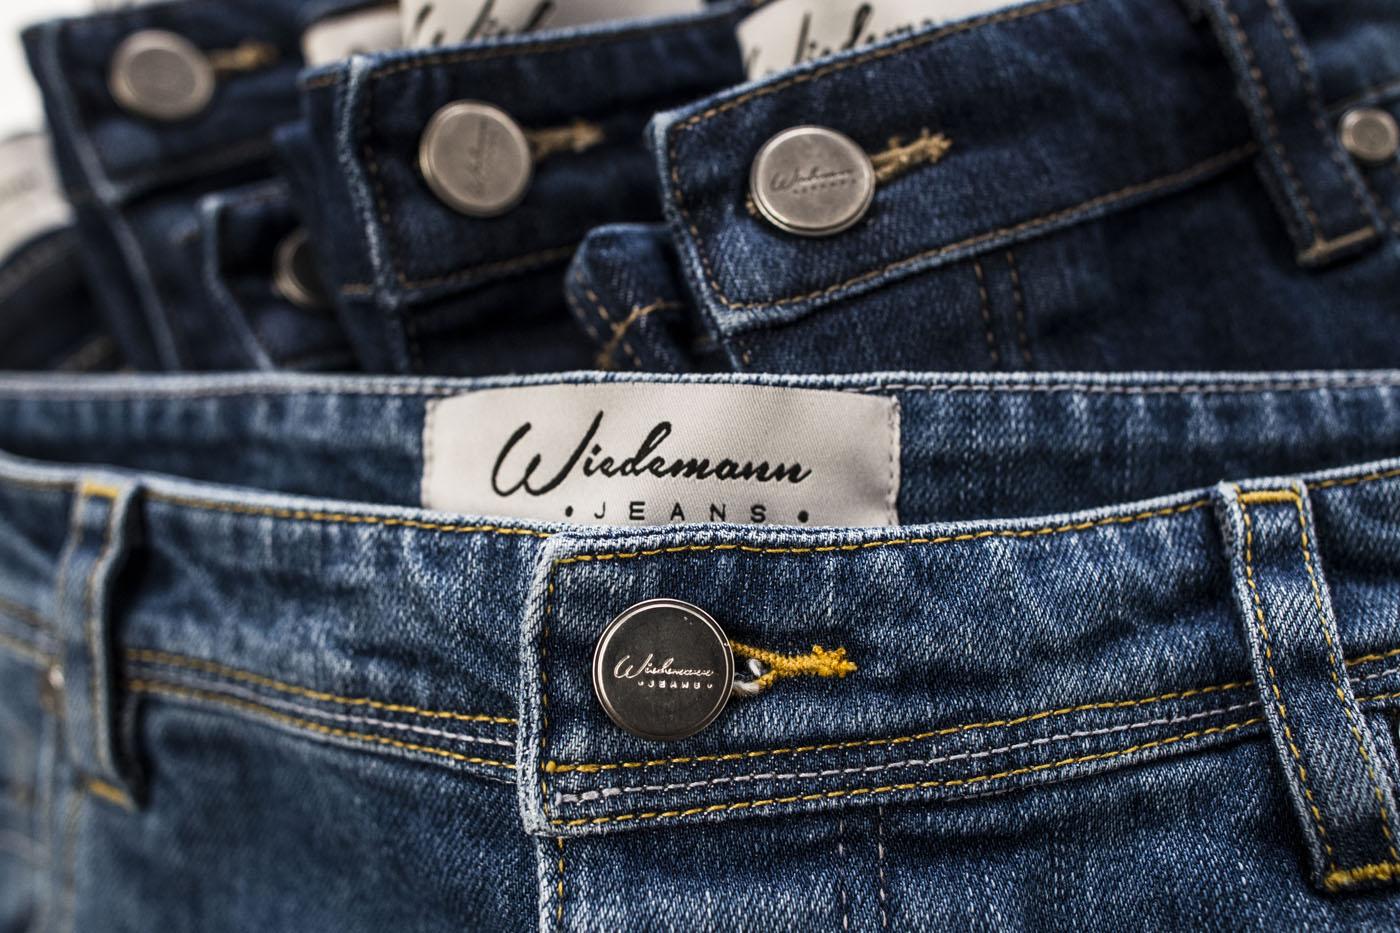 wiedemann-jeans-tallmen-00005